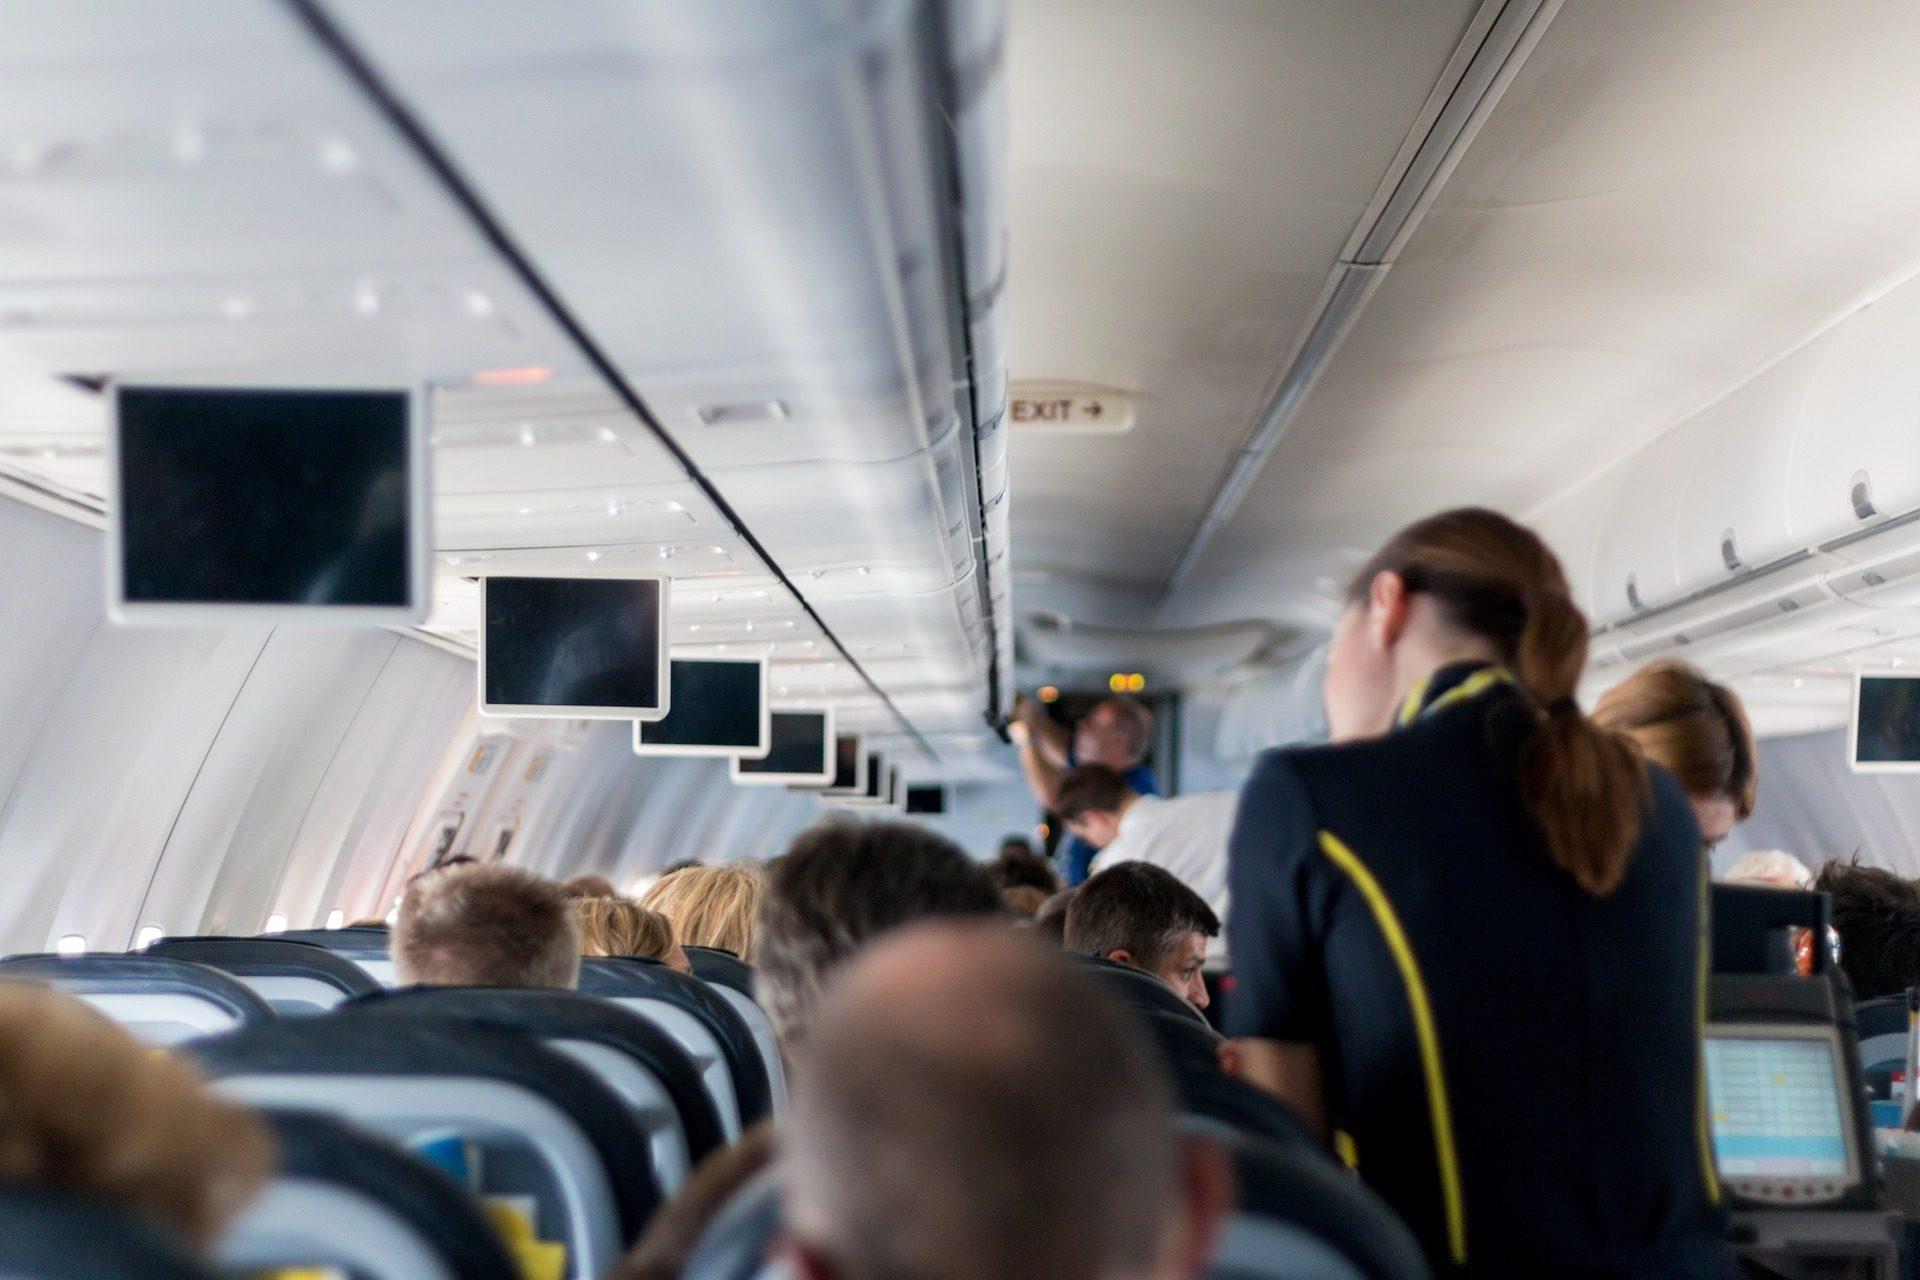 Günstige Flugtickets Suchen & Buchen durch die Air mit WoW